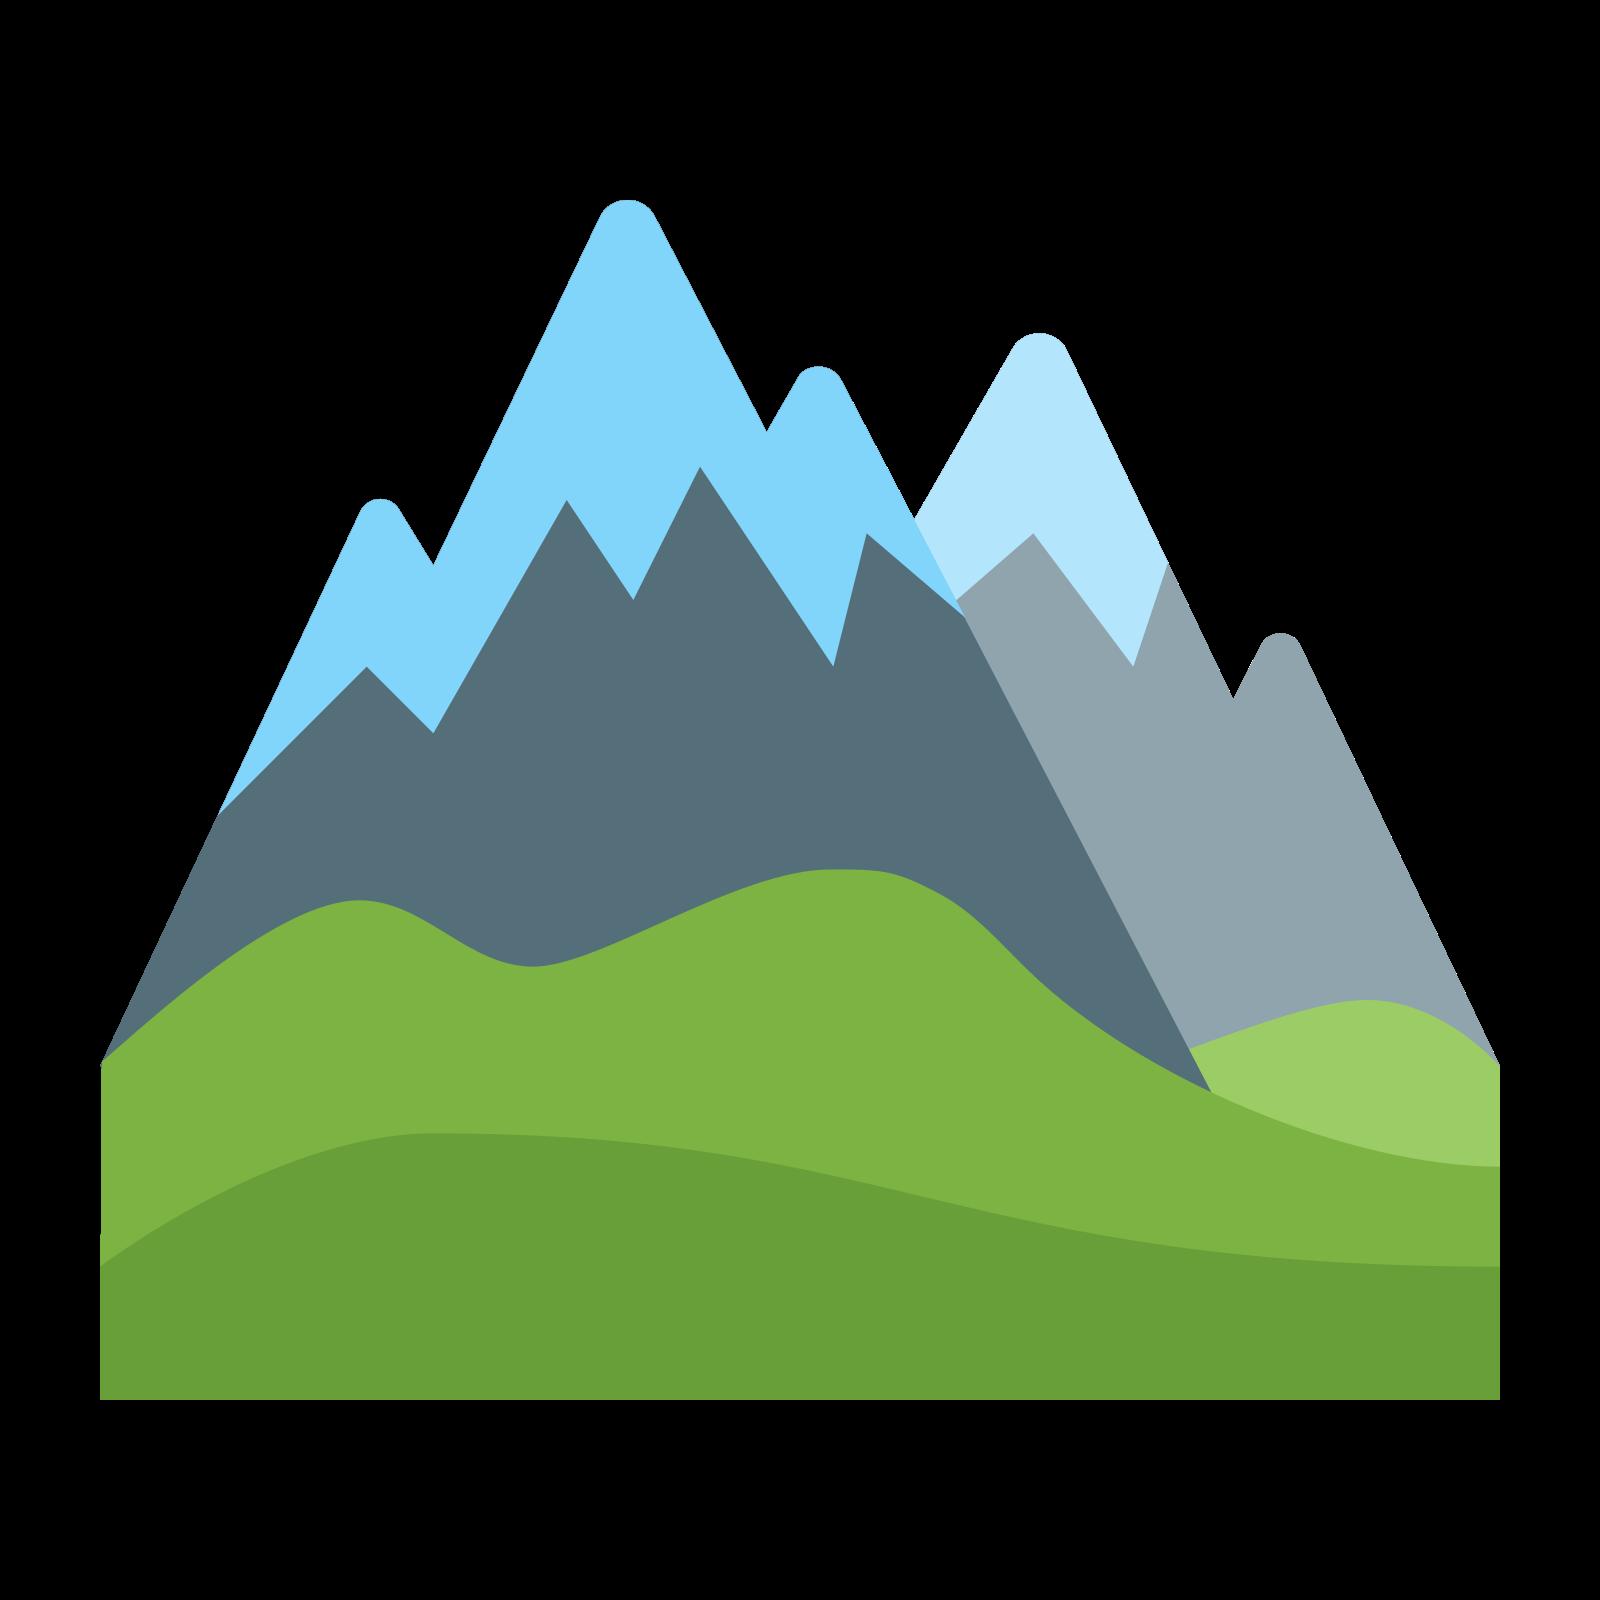 Alpy icon